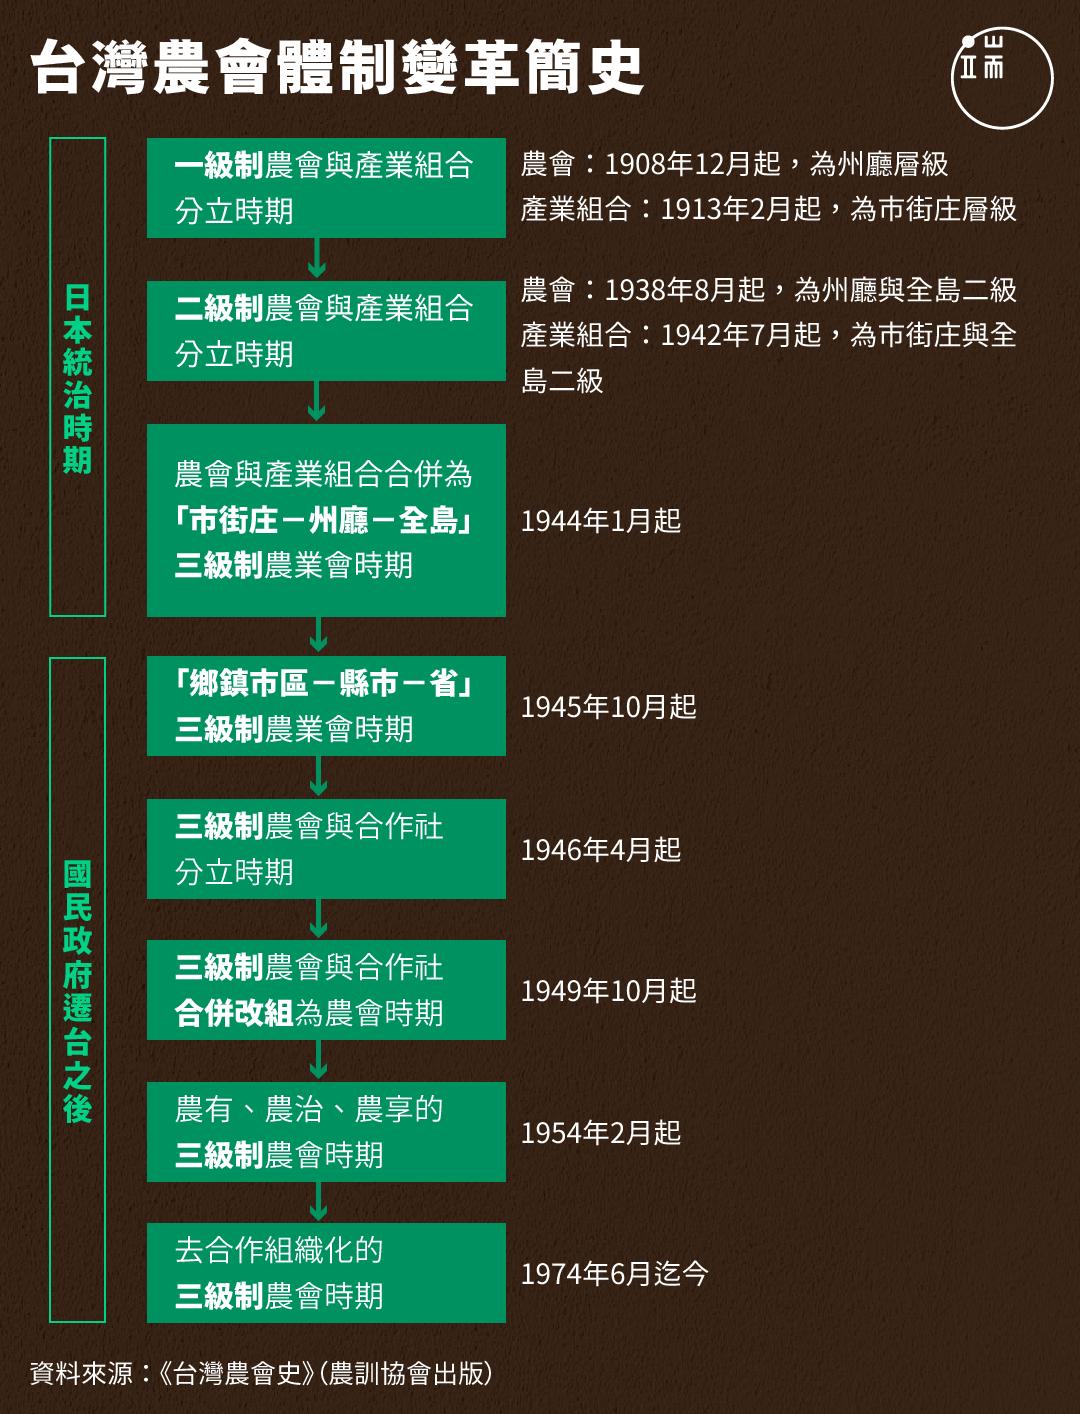 台灣農會體制變革簡史。